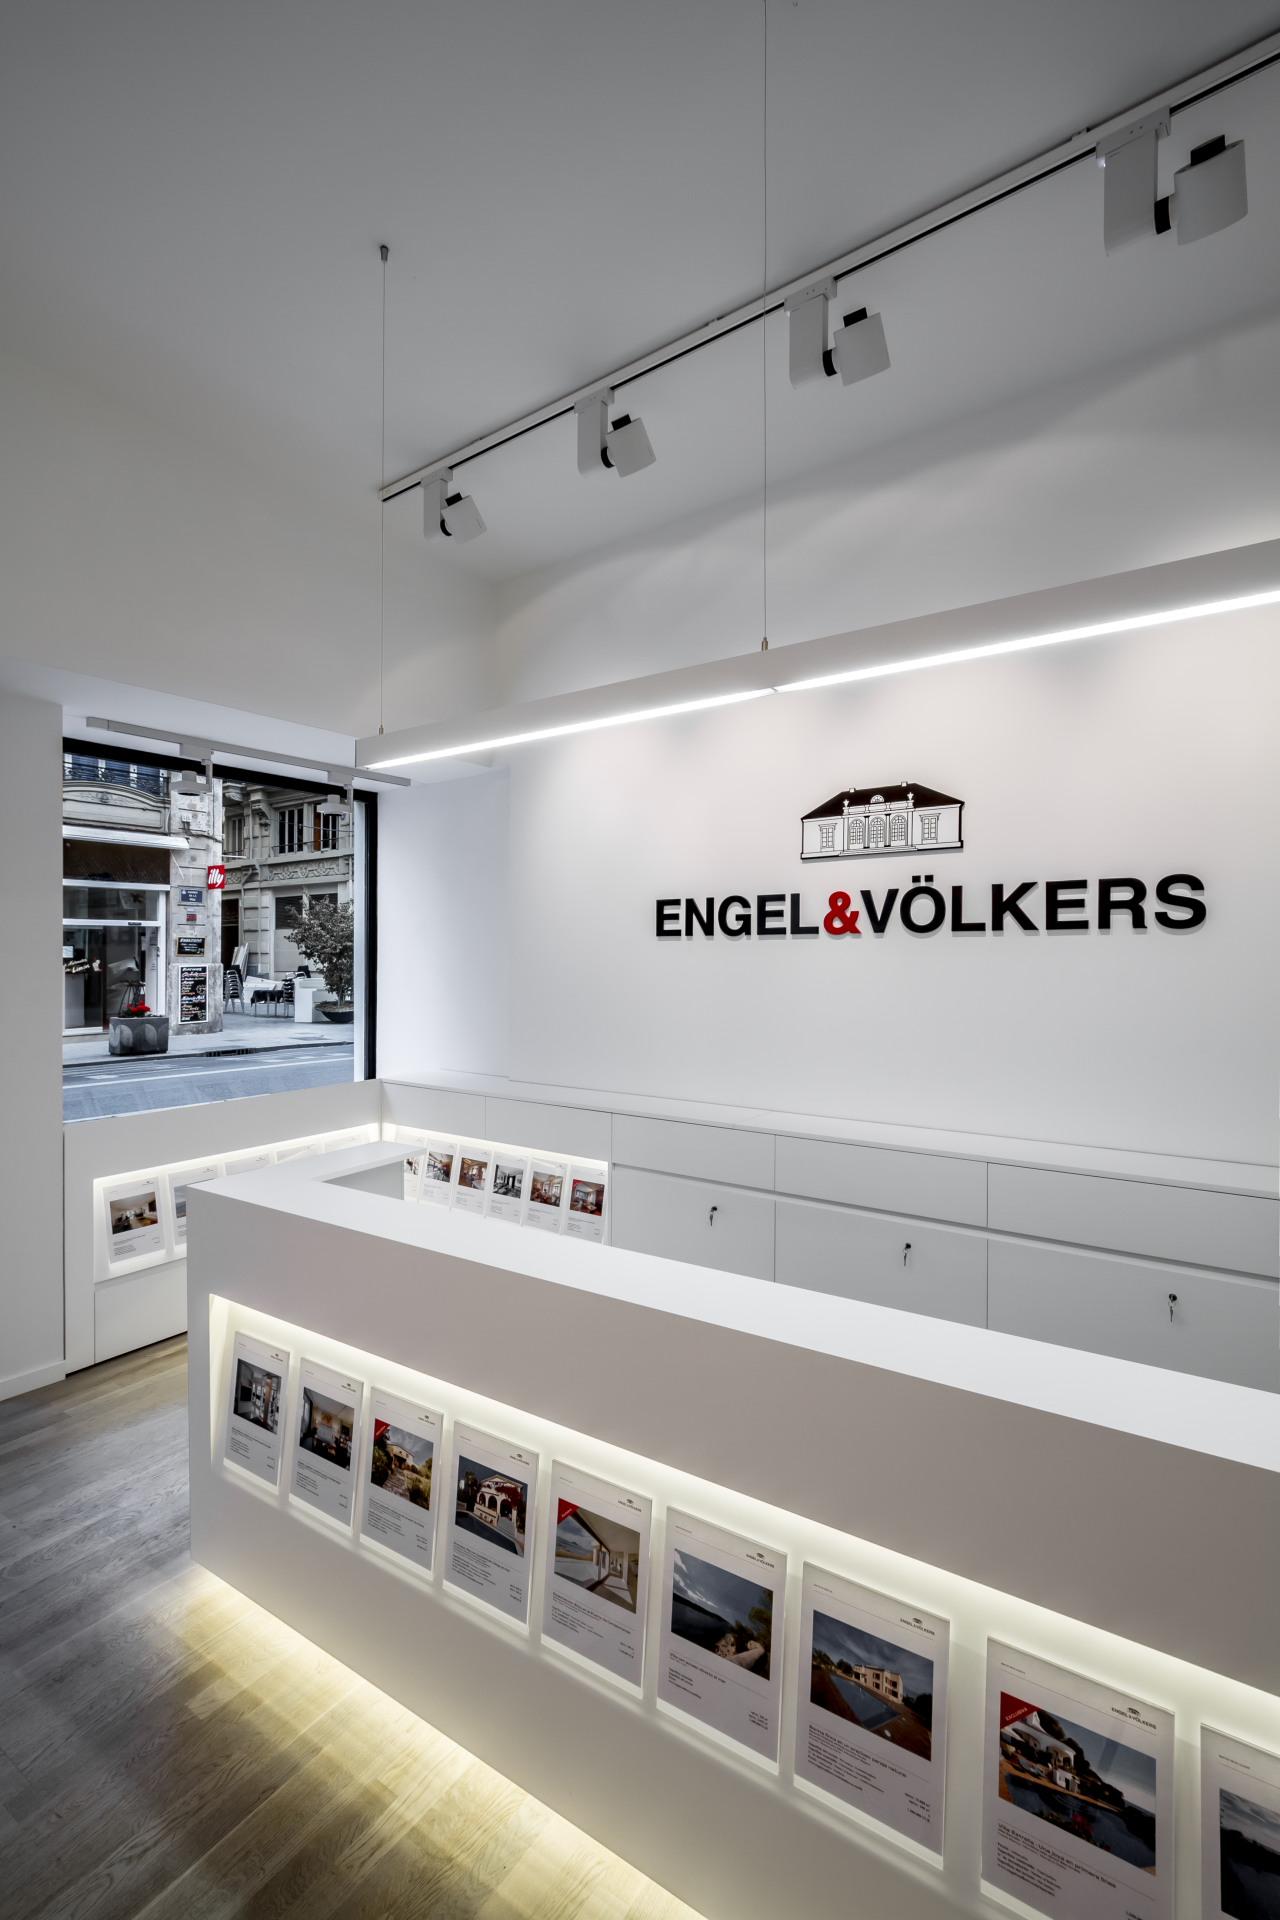 fotografia-arquitectura-valencia-german-cabo-bfm-engel-volkers (7)